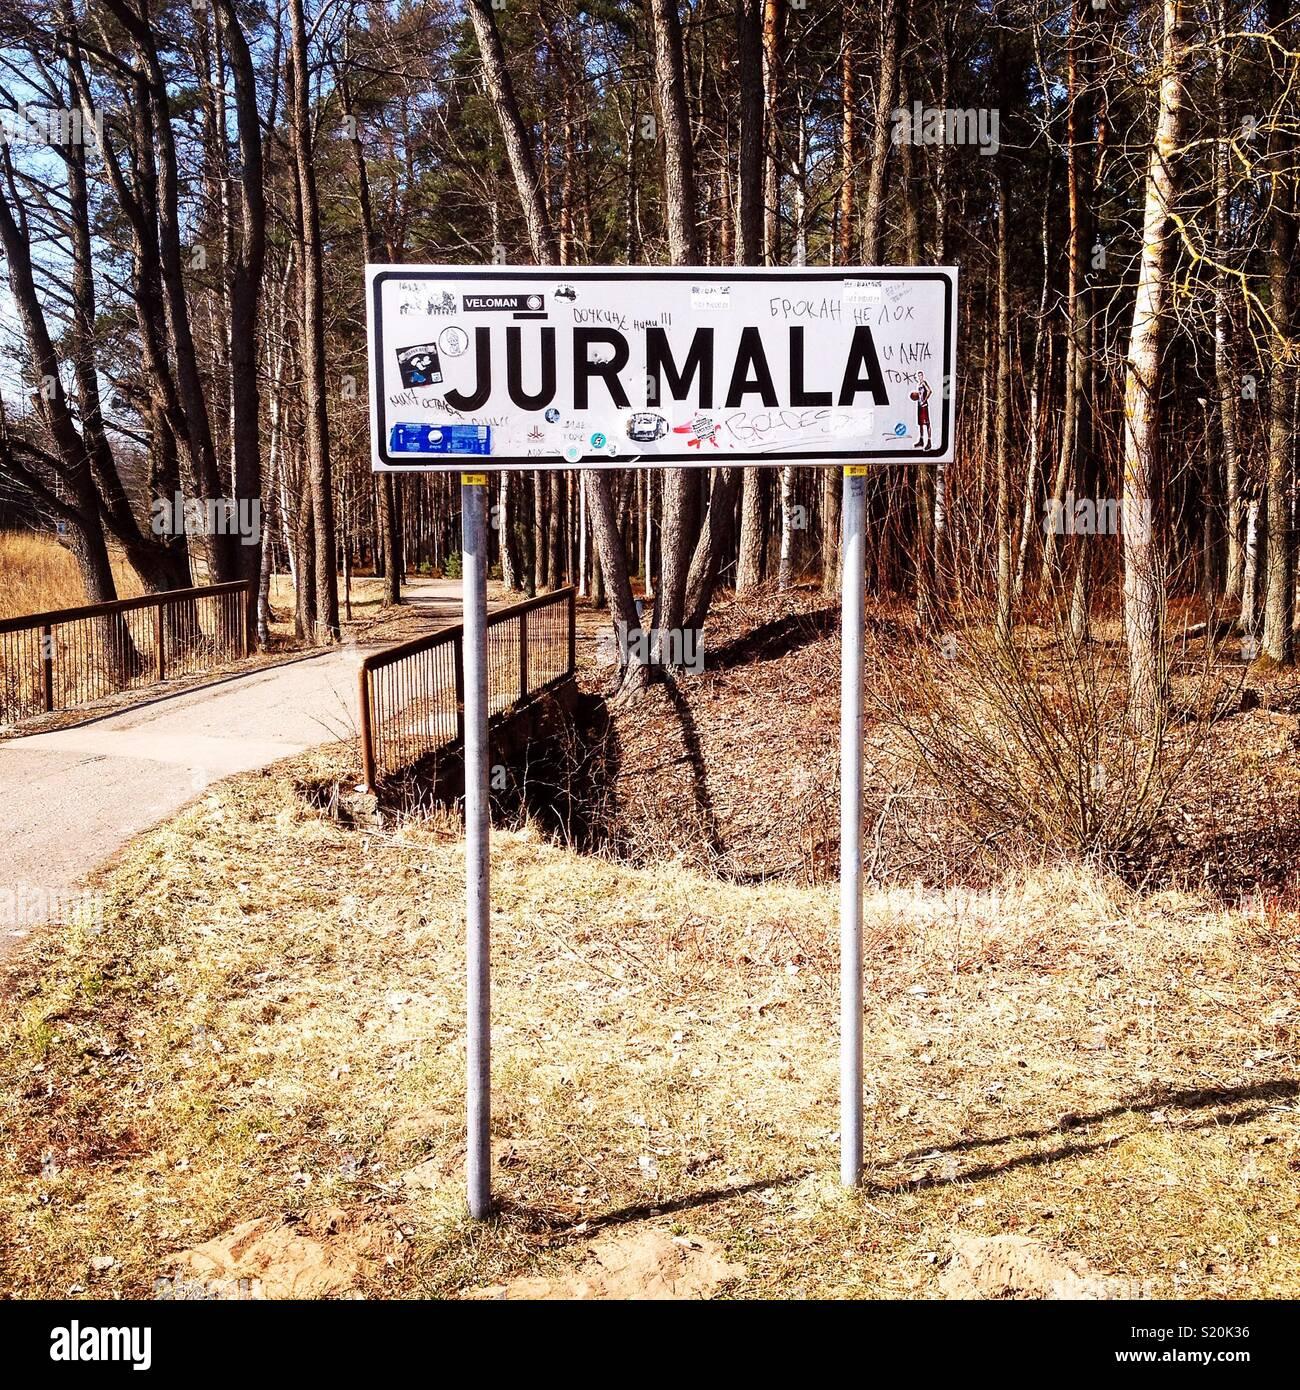 Jurmala, Lettland Stockbild